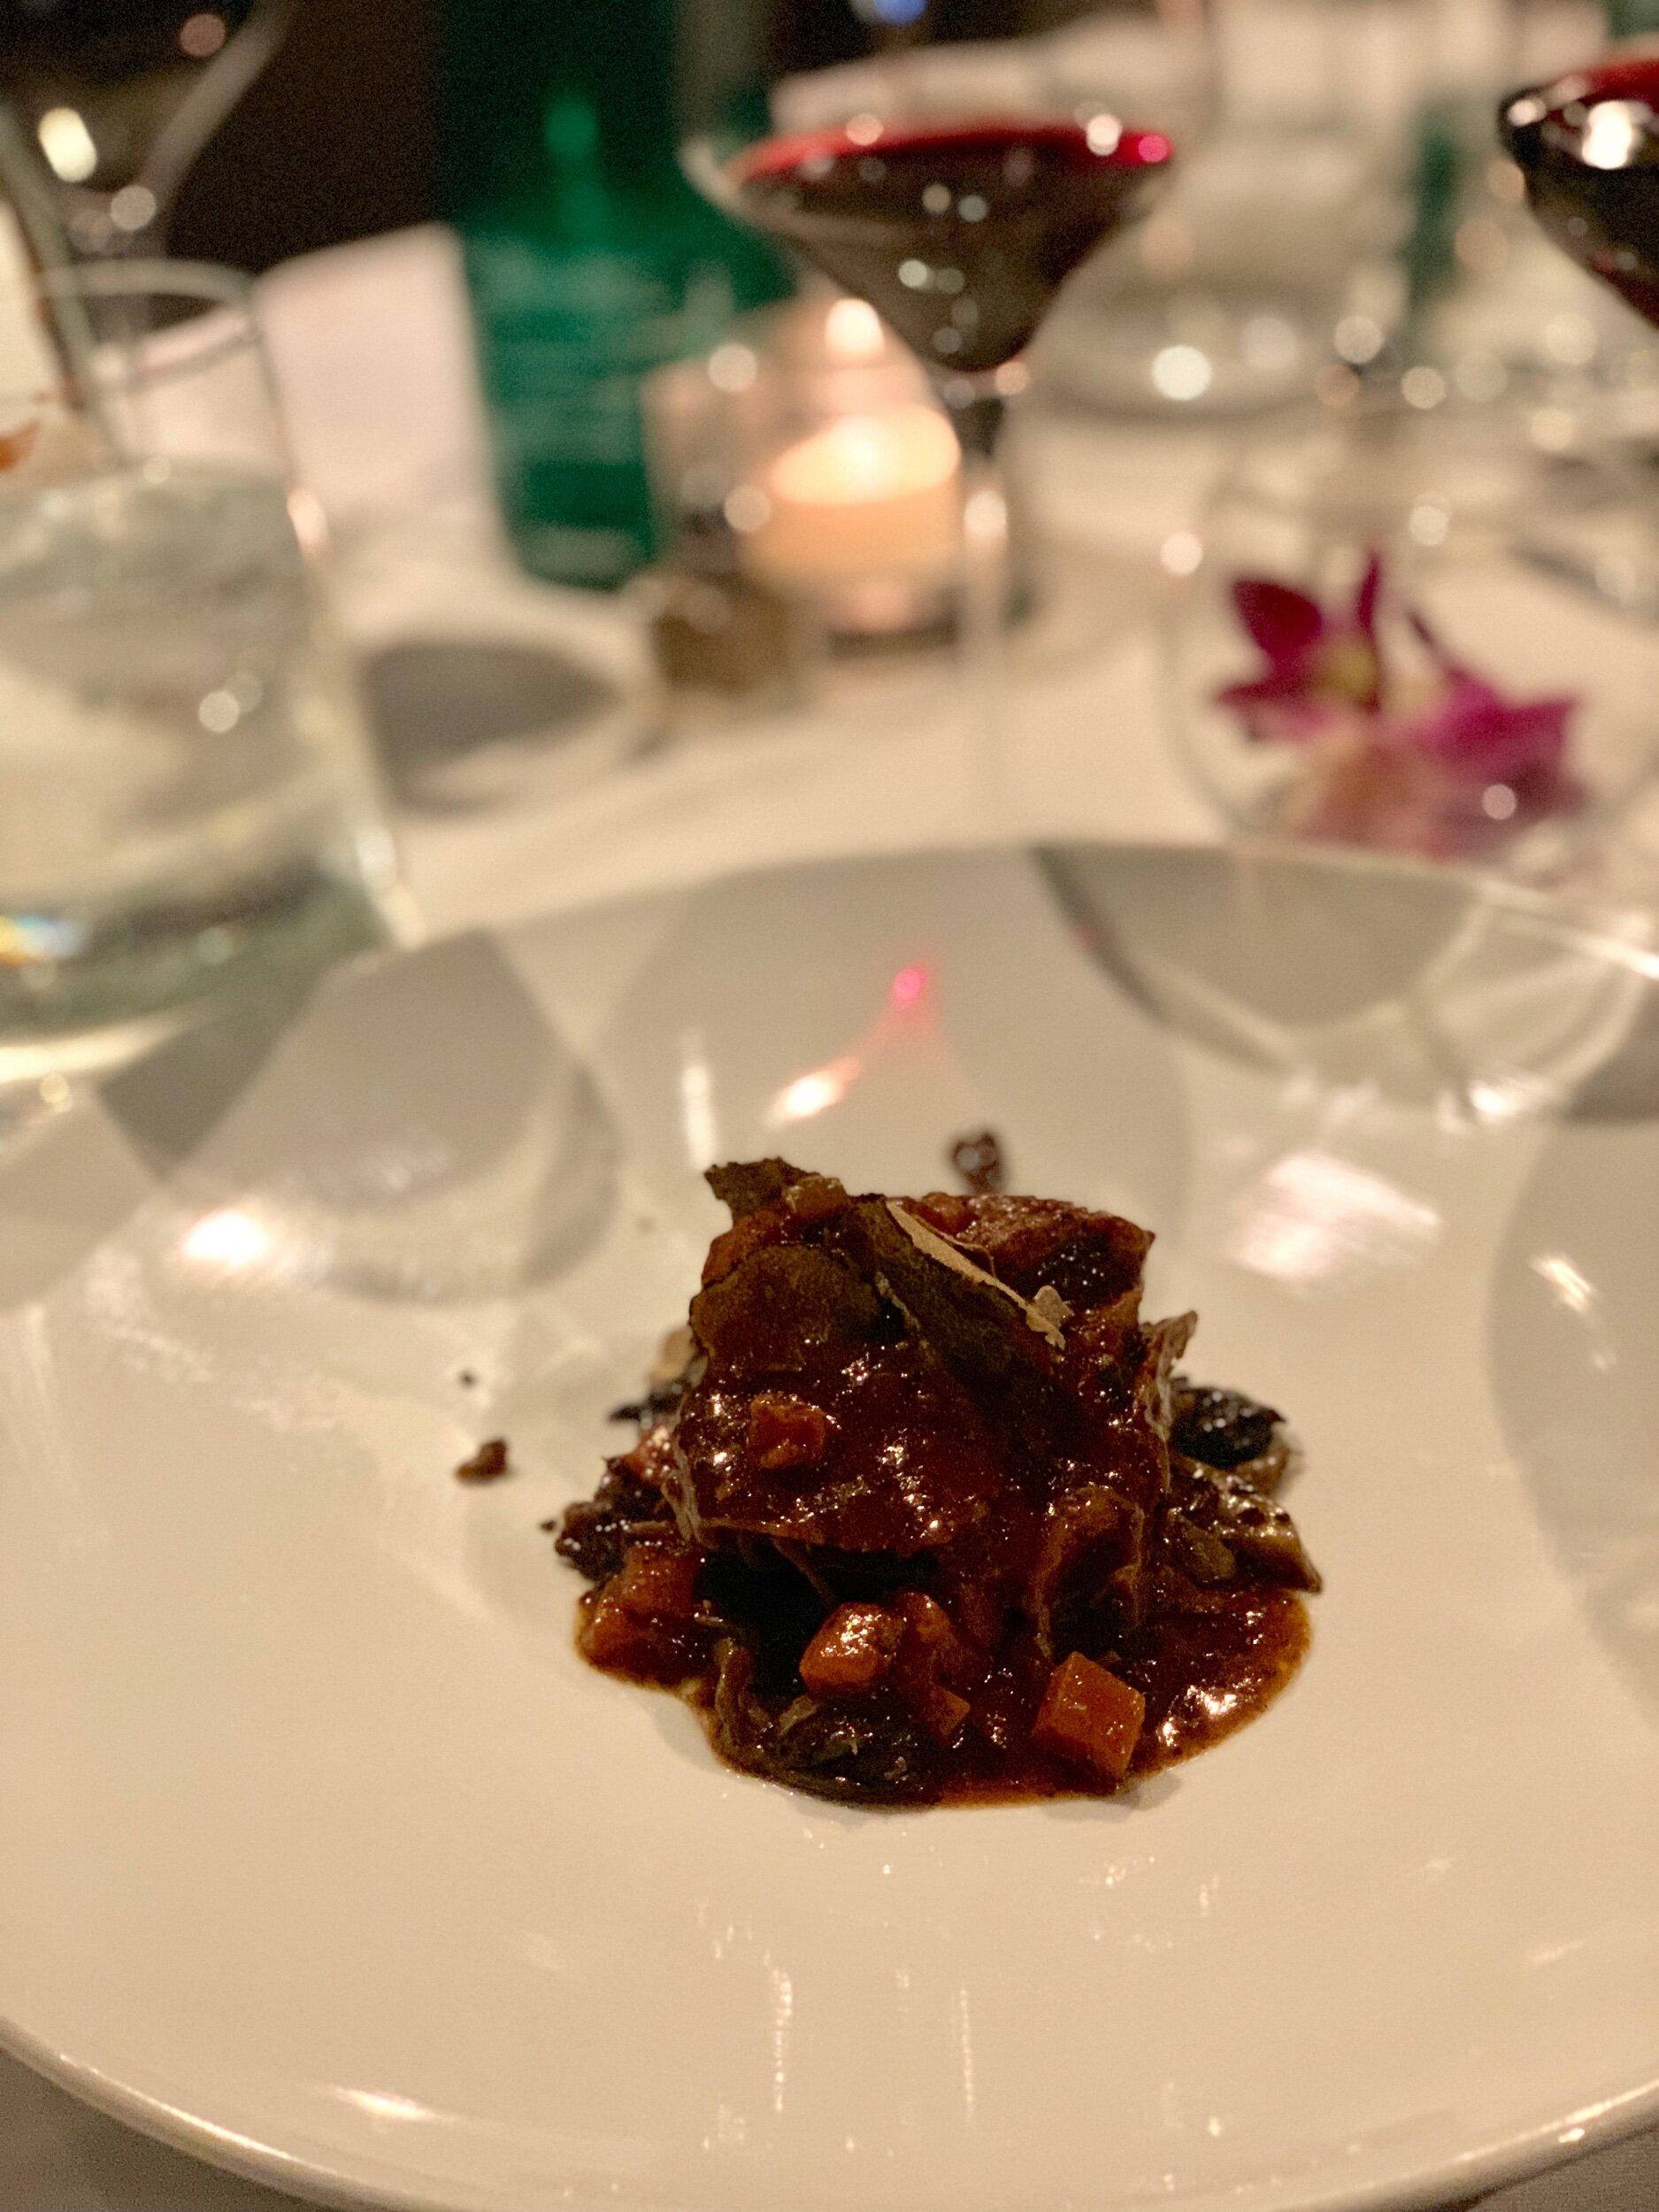 Chef Tony Priolo's braised short rib was perfect with the Brunello di Montalcino